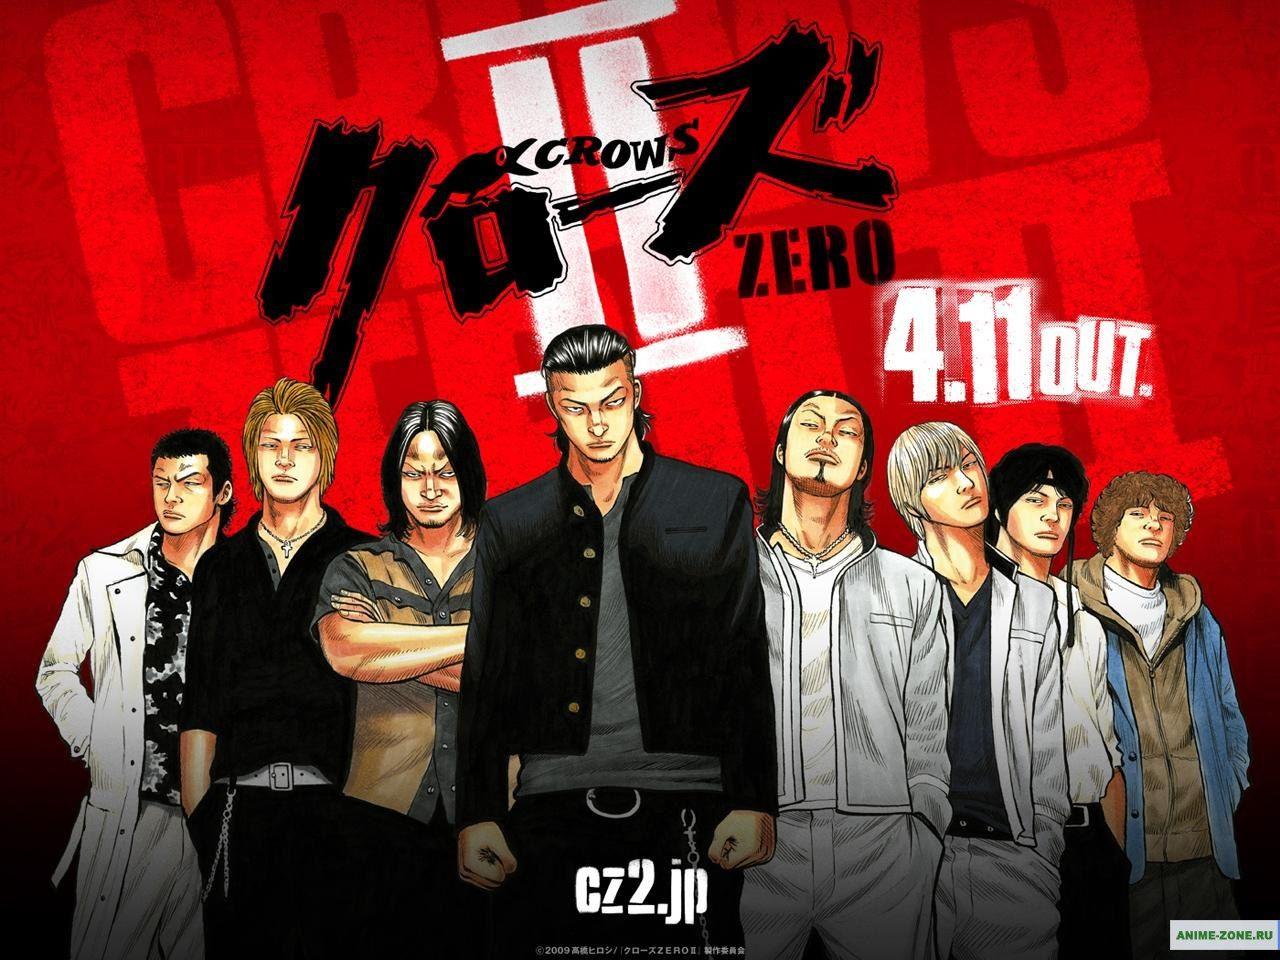 30++ Download Wallpaper Crows Zero Anime - Sachi Wallpaper